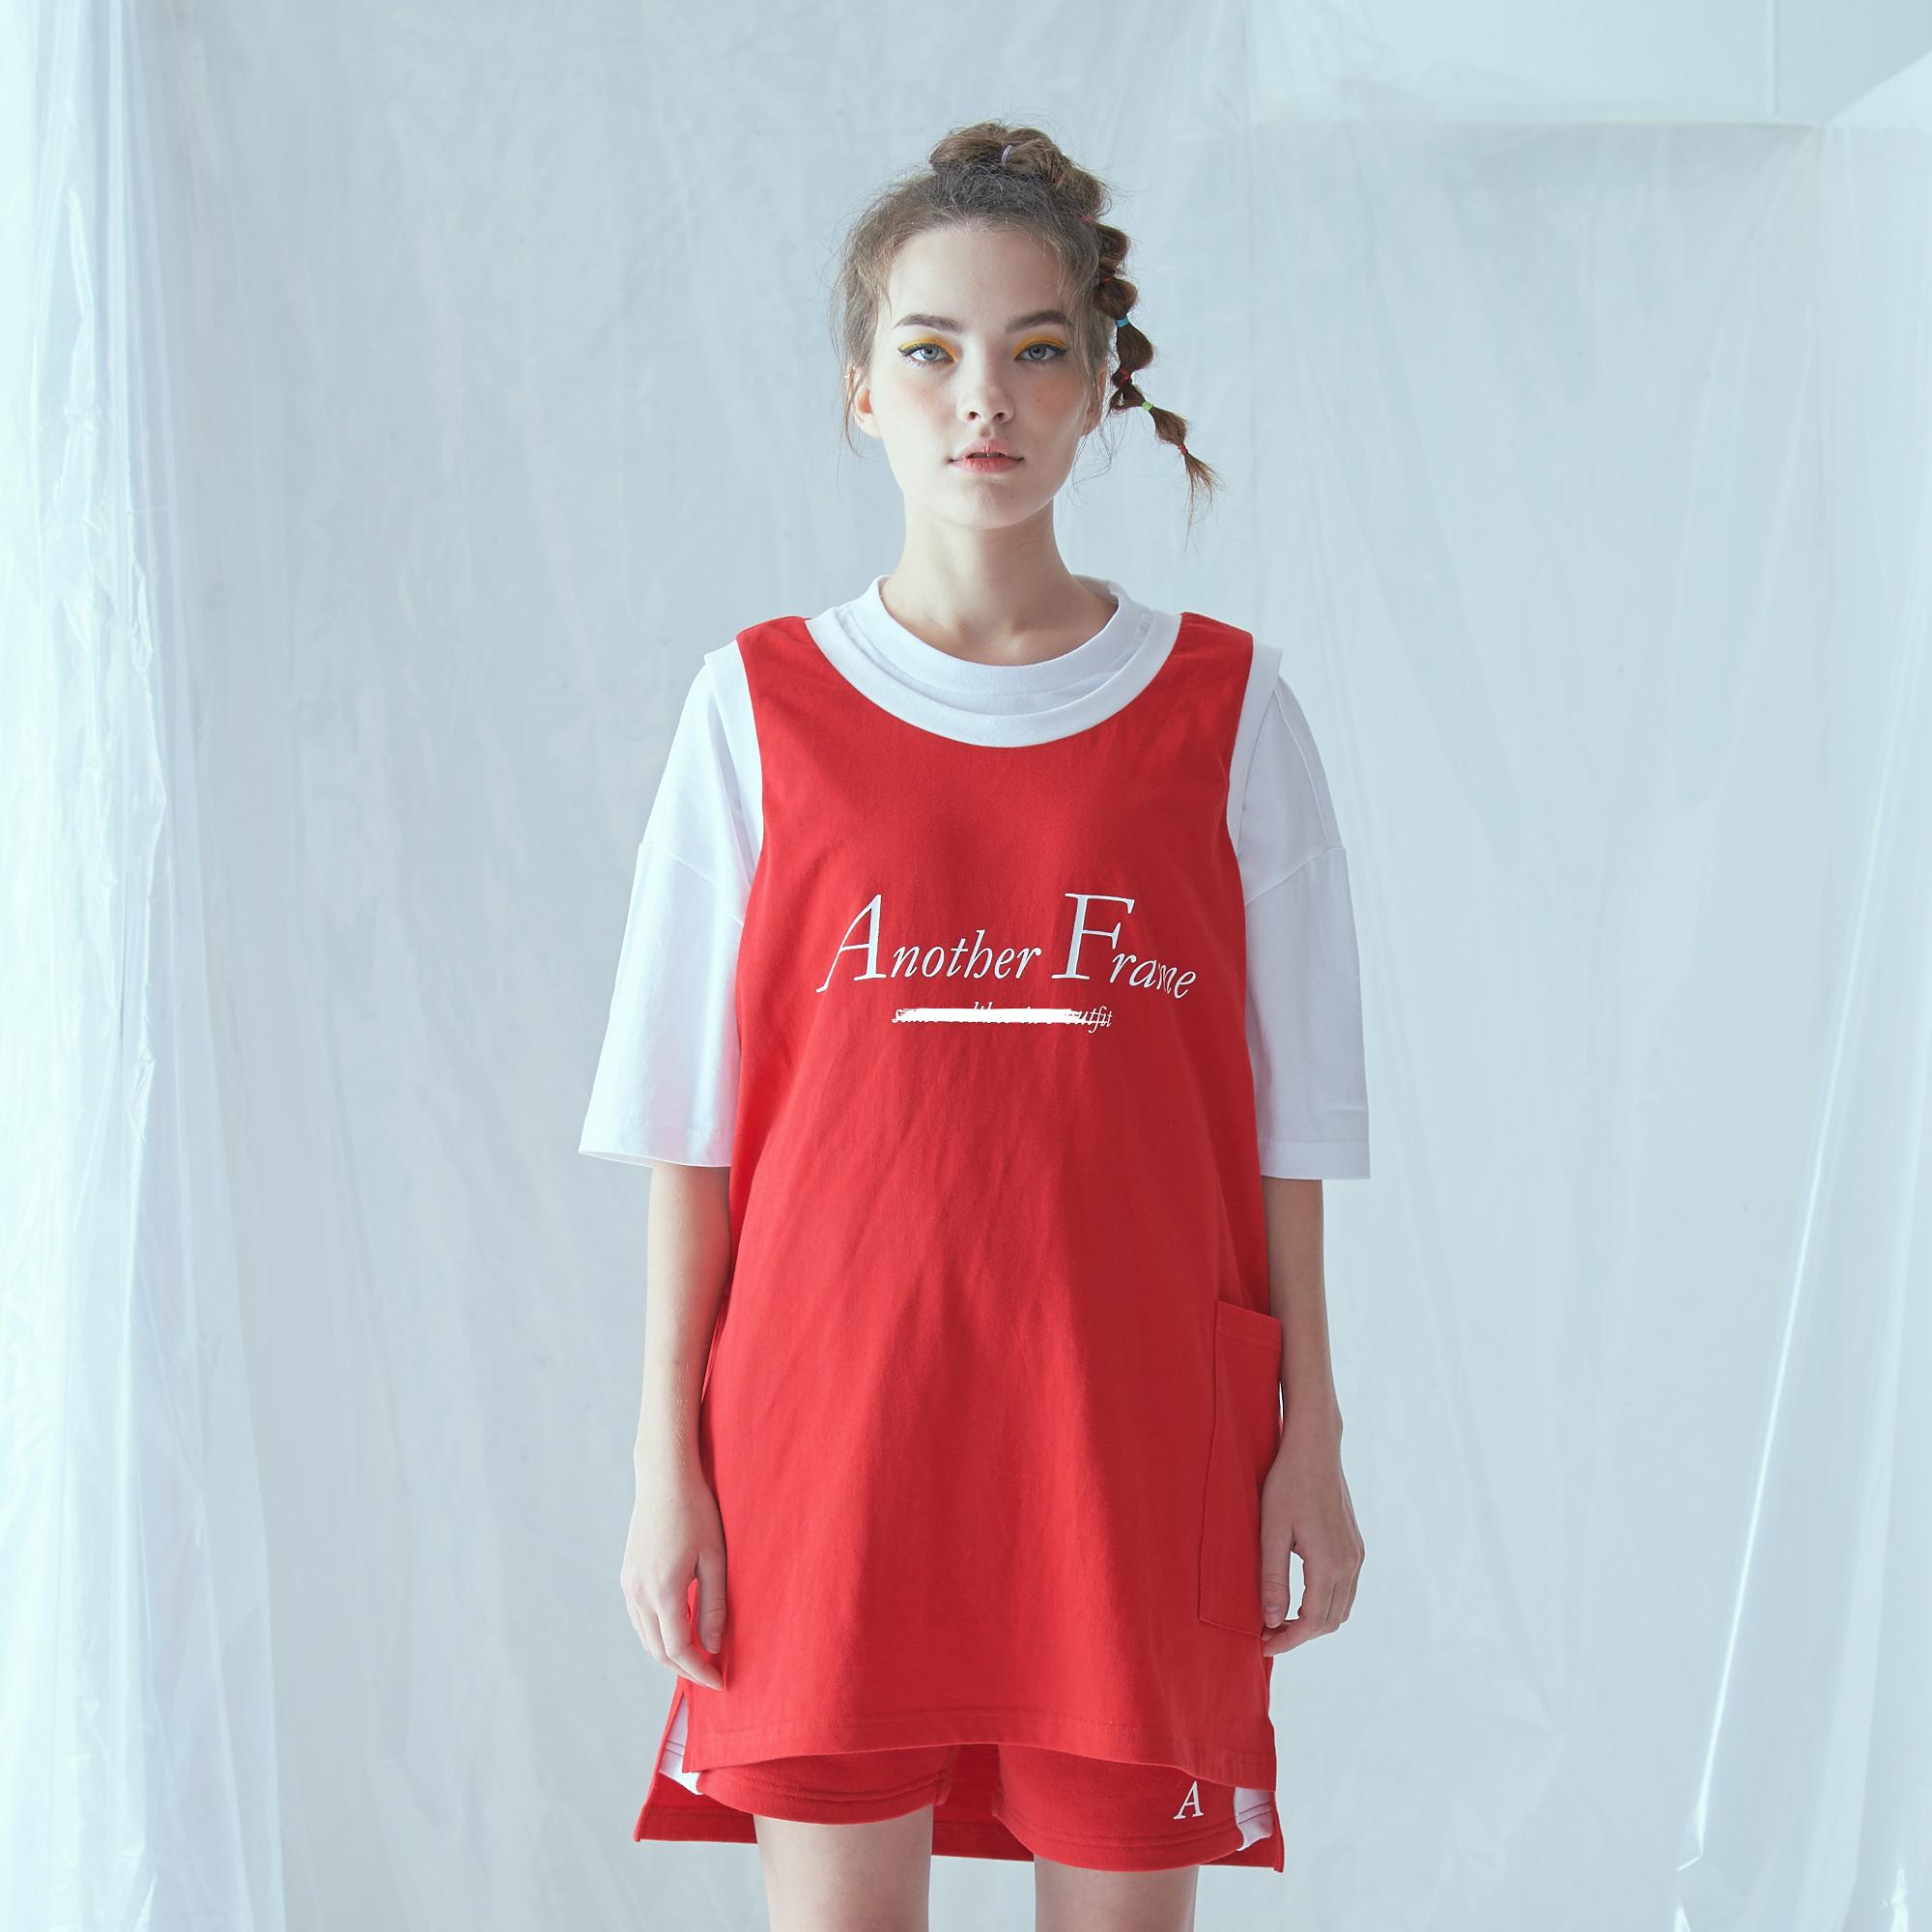 [어나더프레임] BASIC LOGO POCKET SLEEVELESS (RED) 나시 나시티 티셔츠